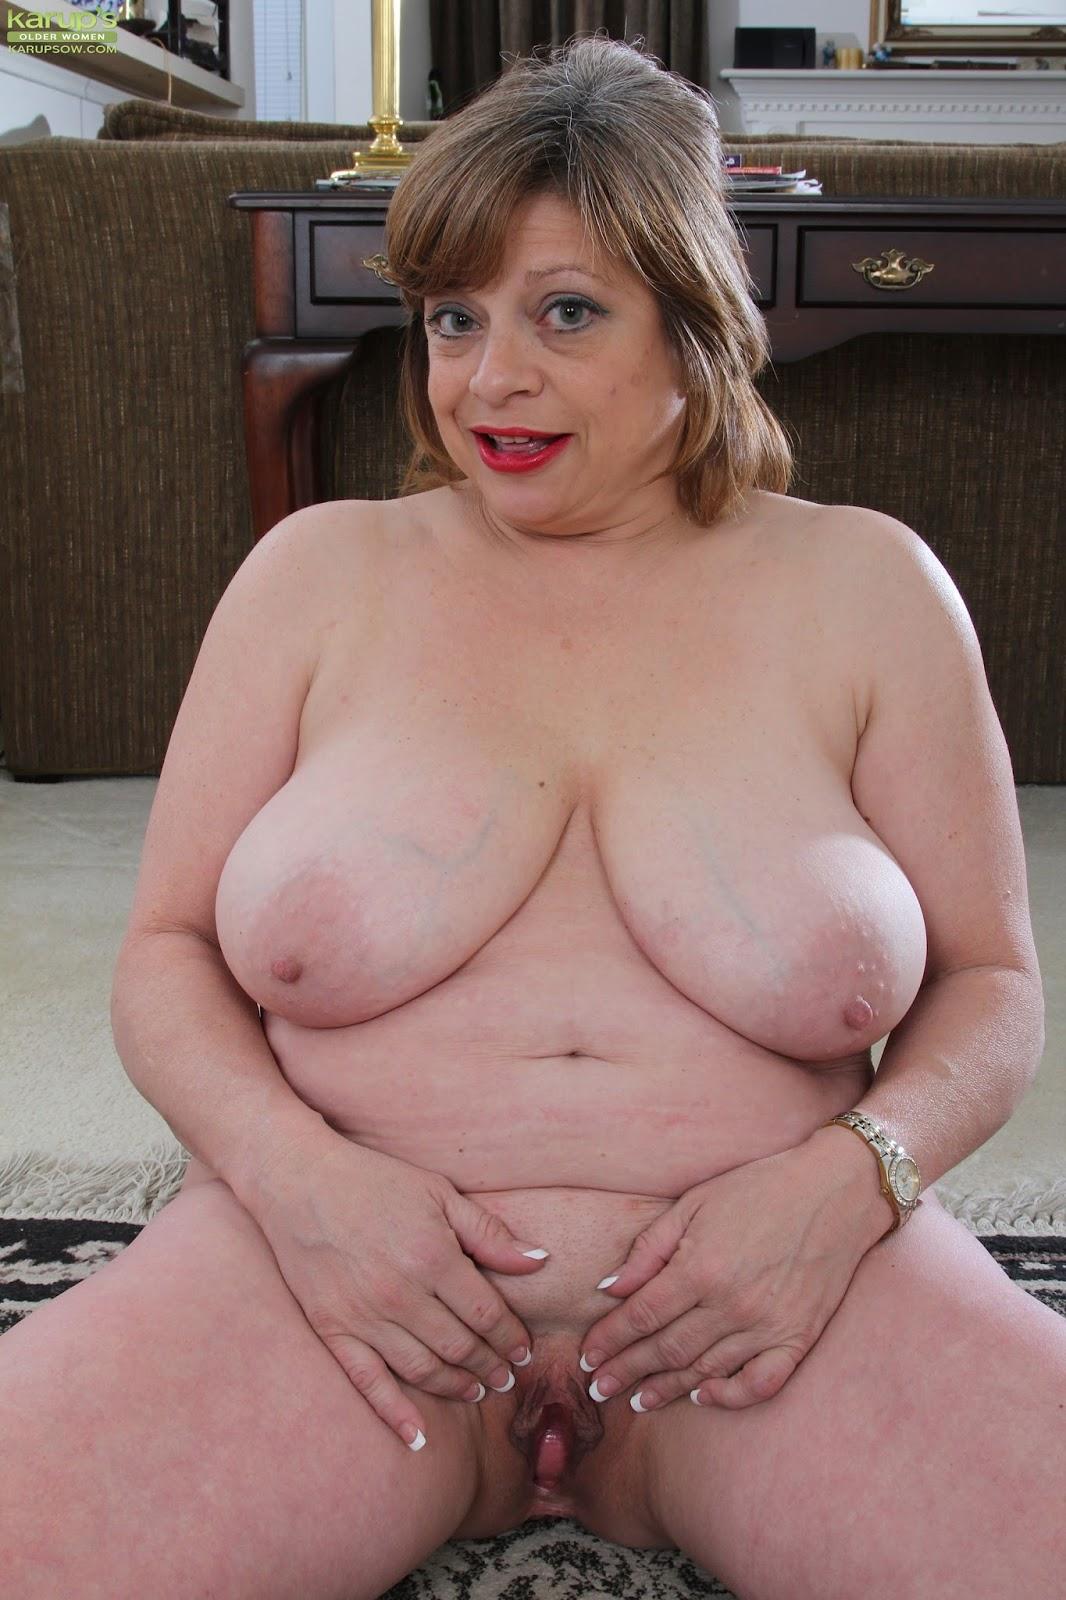 Mature chubby women videos-9568